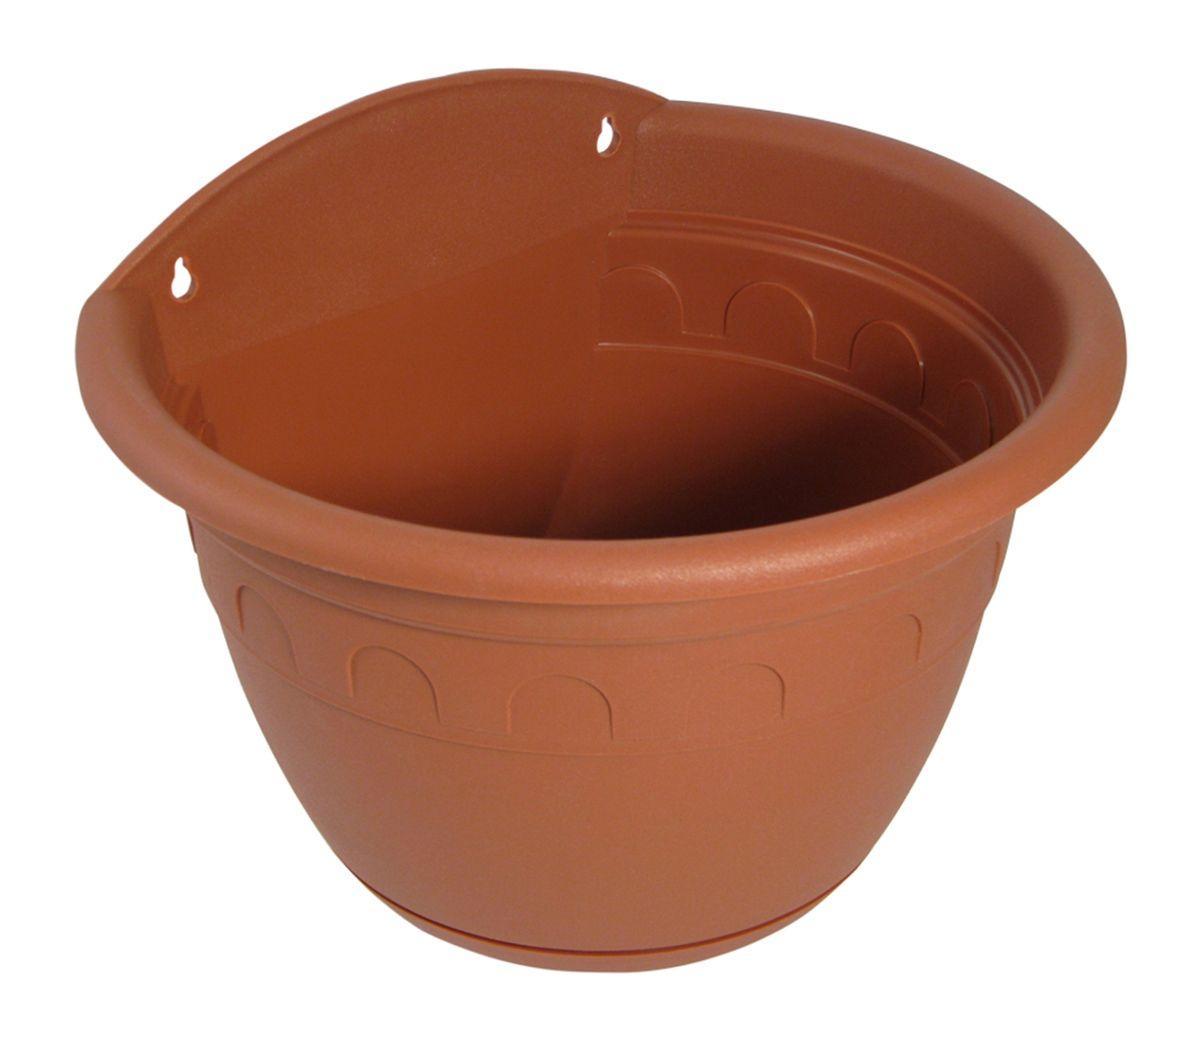 Кашпо настенное Martika Колывань, цвет: терракотовый, 950 млMRC111TНастенное кашпо Martika Колывань изготовлено из высококачественного пластика и имеет два удобных отверстия для крепления. Изделие прекрасно подойдет для выращивания растений дома и на приусадебных участках. Диаметр (по верхнему краю): 16 см. Высота: 12 см.